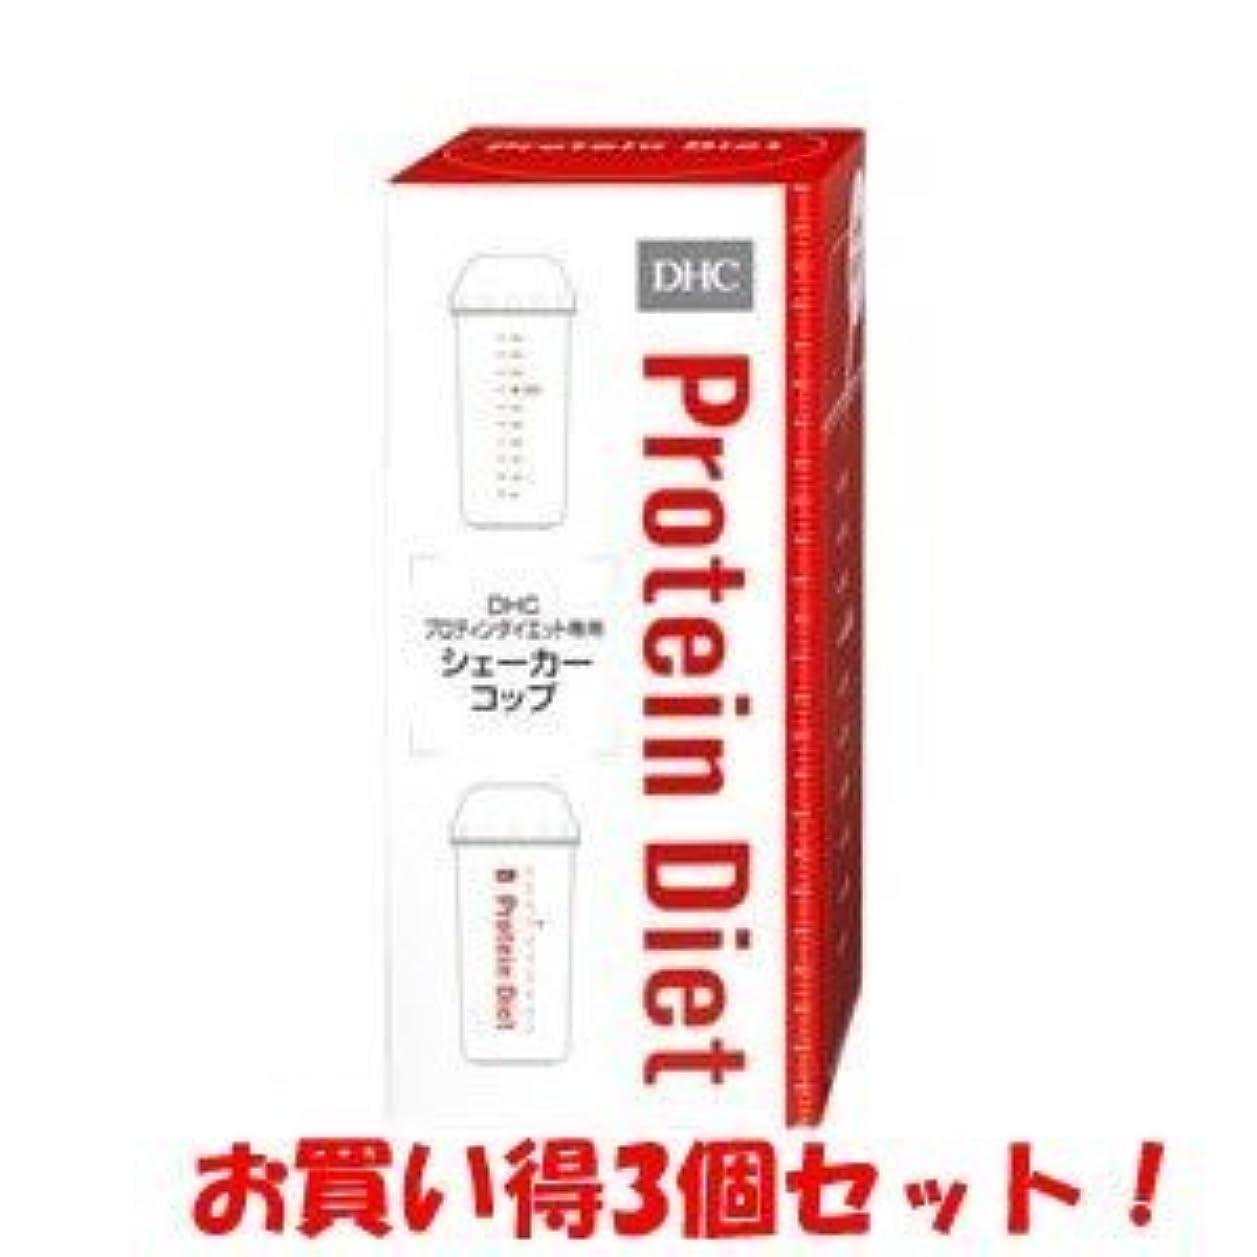 半導体手荷物差し引くDHC プロティンダイエット専用 シェーカーコップ(お買い得3個セット)